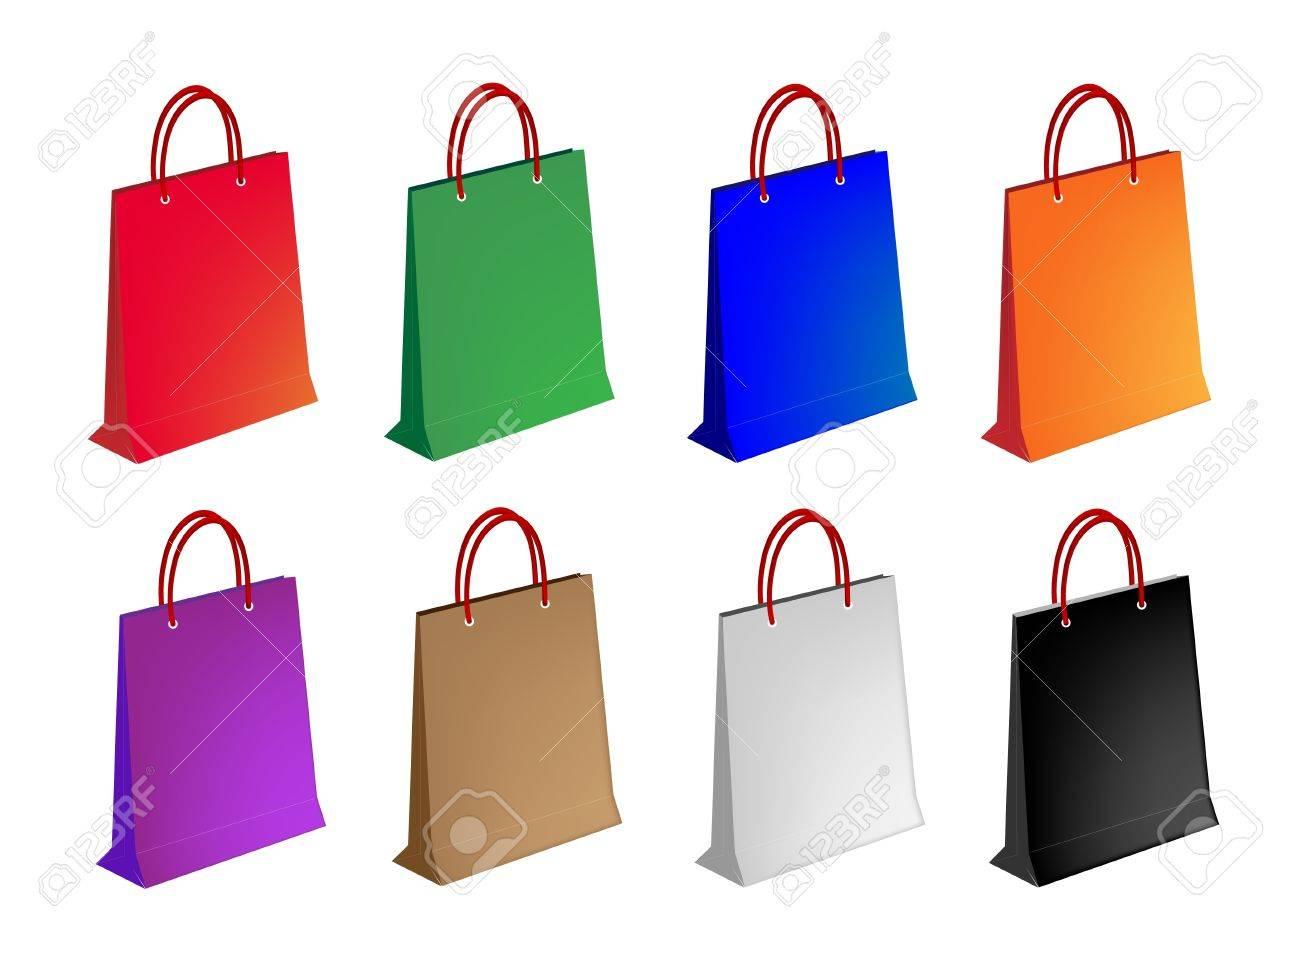 453db0523d8 Foto de archivo - Una colección de ilustraciones de Colorsful Bolsa de  compras de papel o bolsas de regalo en ocho colores surtidos